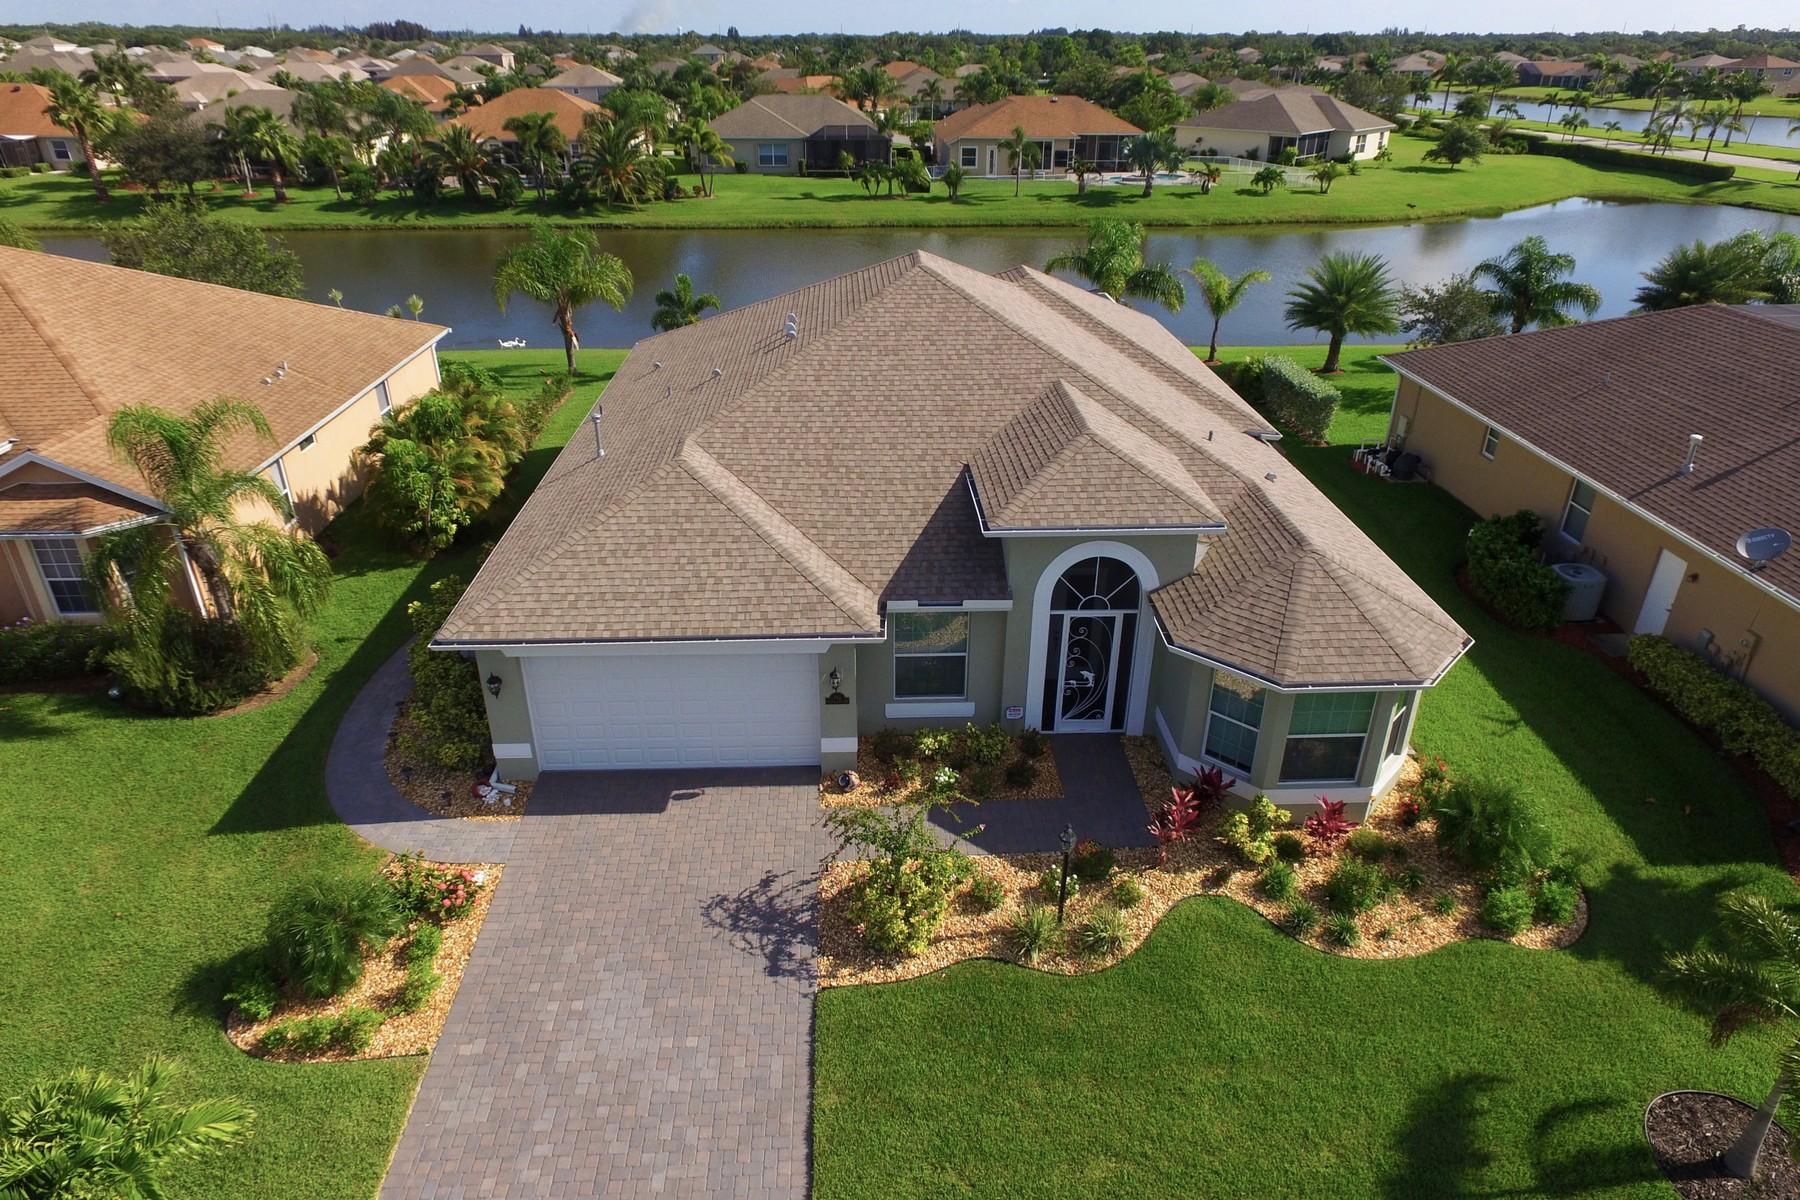 独户住宅 为 销售 在 Inviting Lakefront Home on Premium Homesite 783 Fortunella Circle SW 维罗海滩, 佛罗里达州, 32968 美国